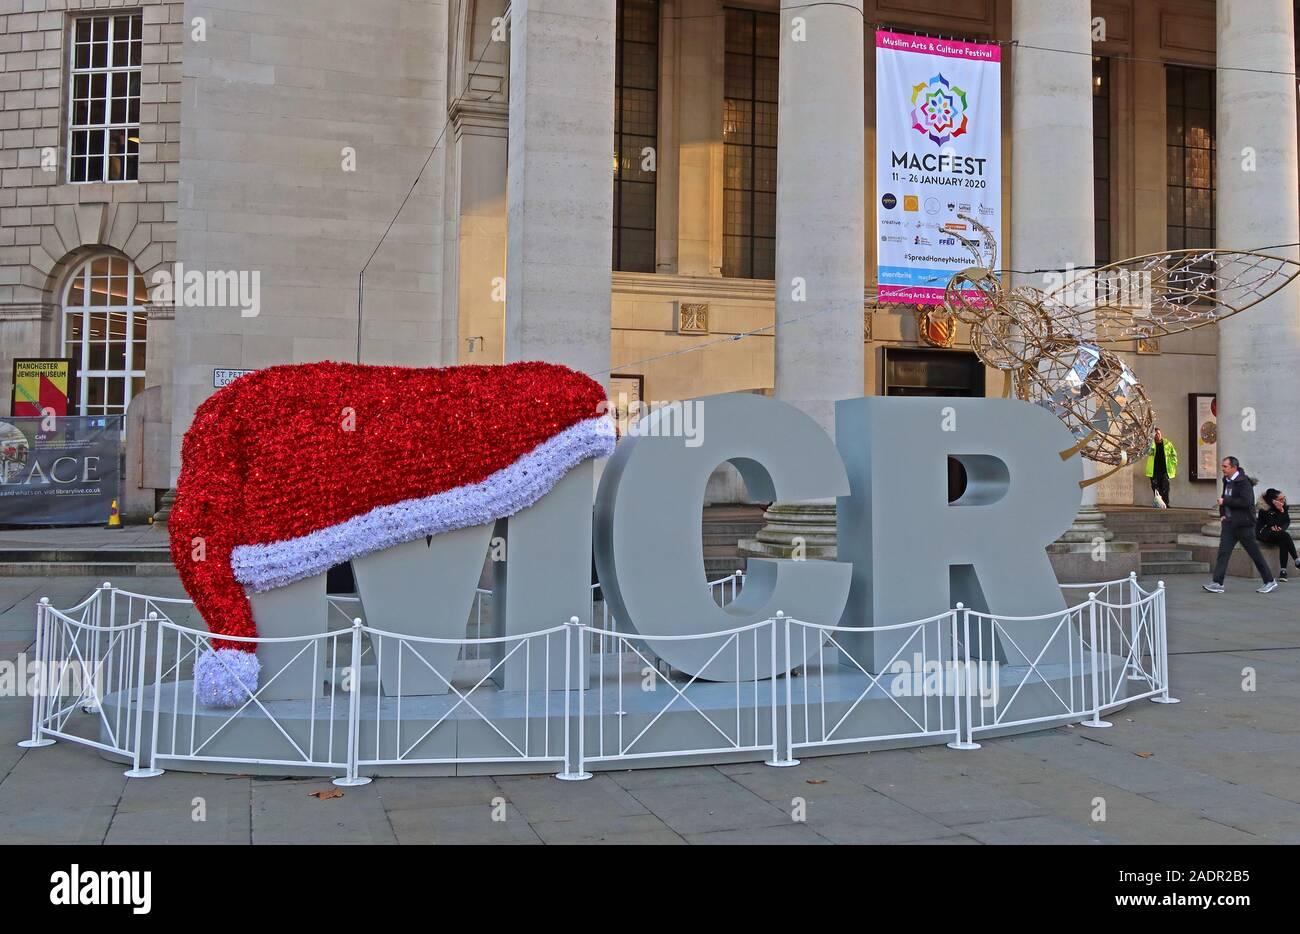 Dieses Stockfoto: Weihnachtsmütze auf einem MCR, Weihnachtsdekorationen, außerhalb der Manchester Central Library, St. Peter's Square, Manchester M2 5PD - 2ADR2B